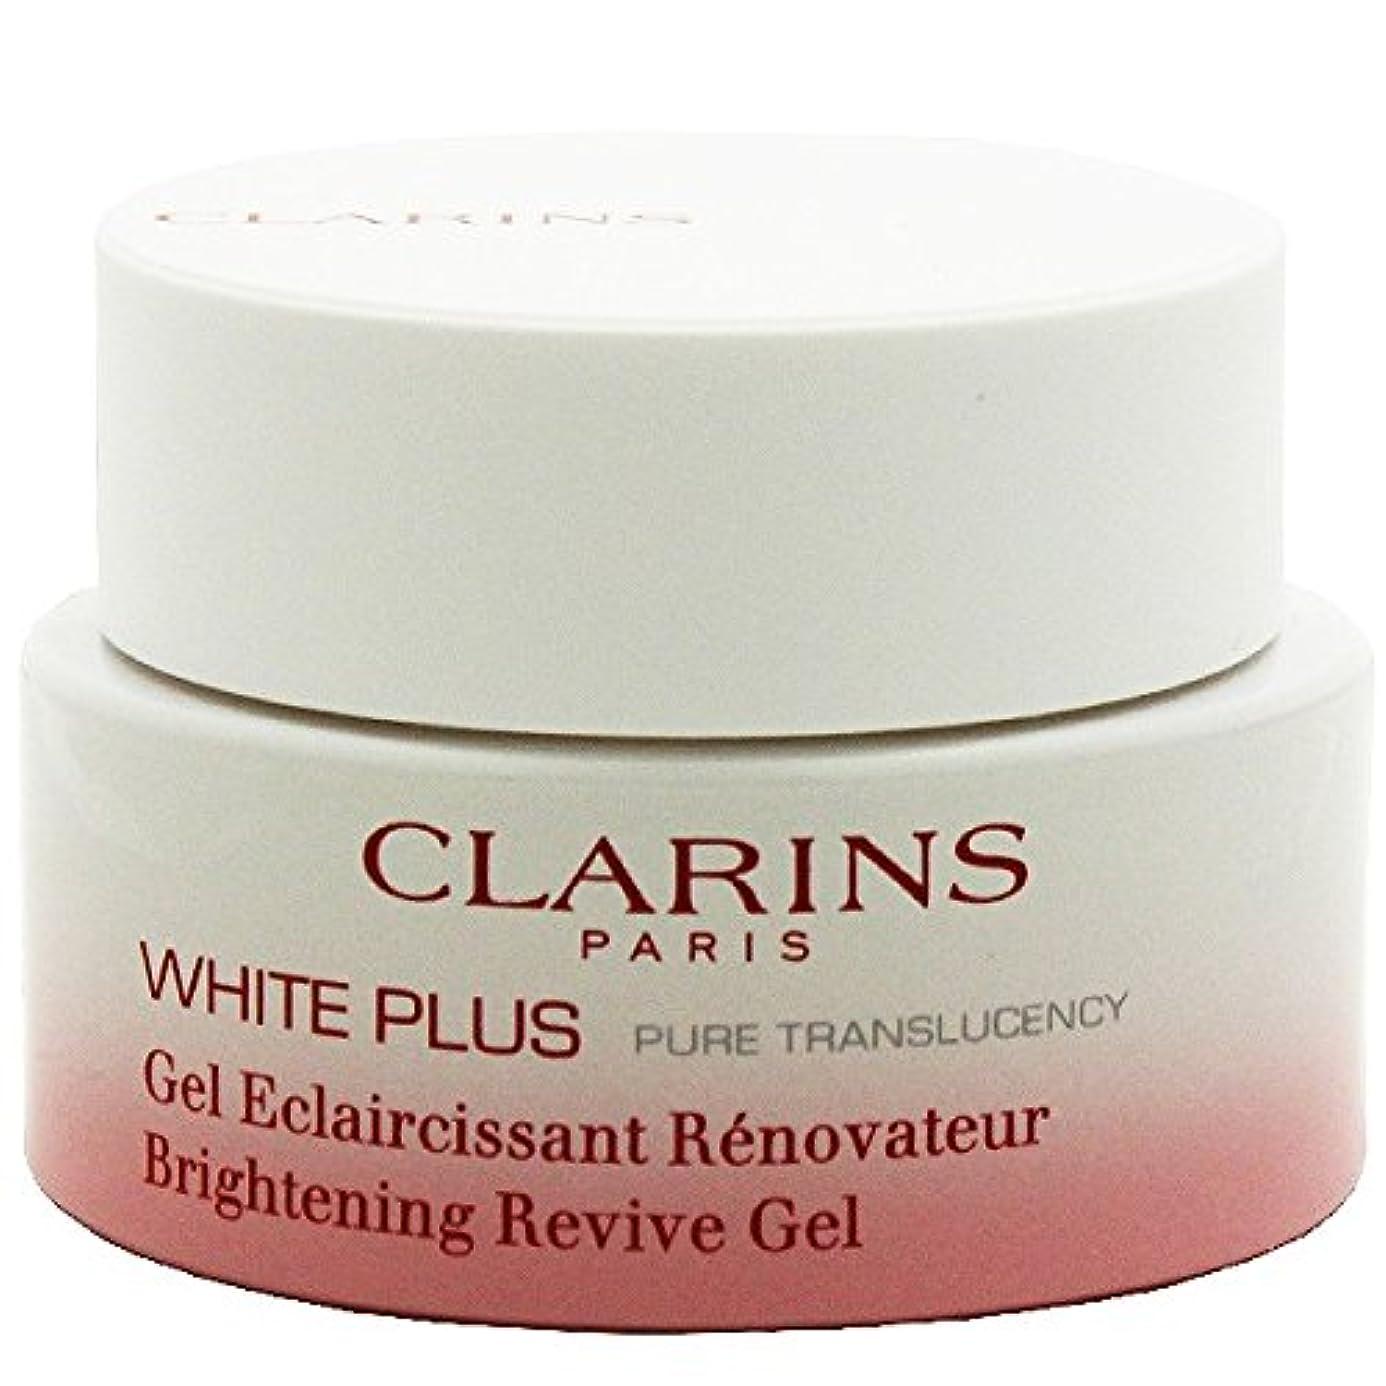 ペンスタイルムスタチオクラランス(CLARINS) ホワイト-プラス ブライト ナイト ジェル 50ml[並行輸入品]